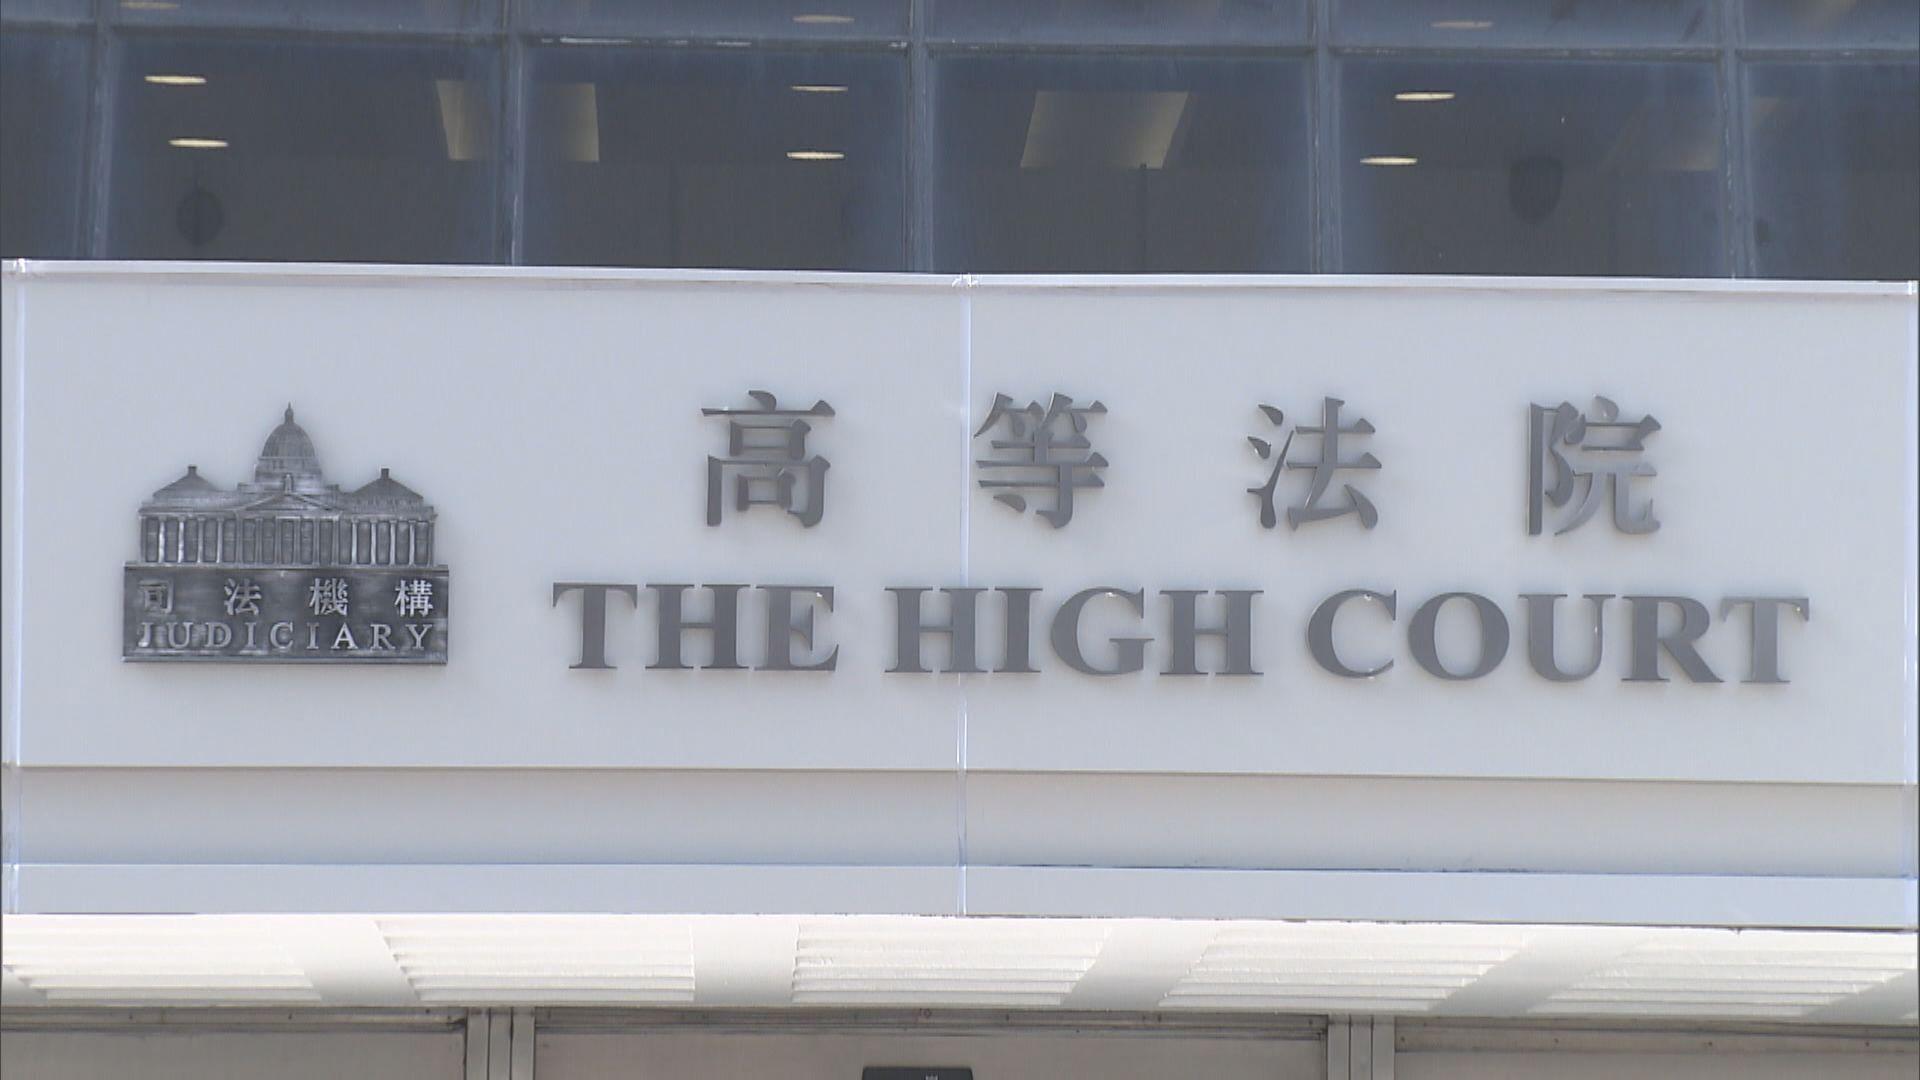 郭卓堅等司法覆核申請公眾活動制度被判敗訴